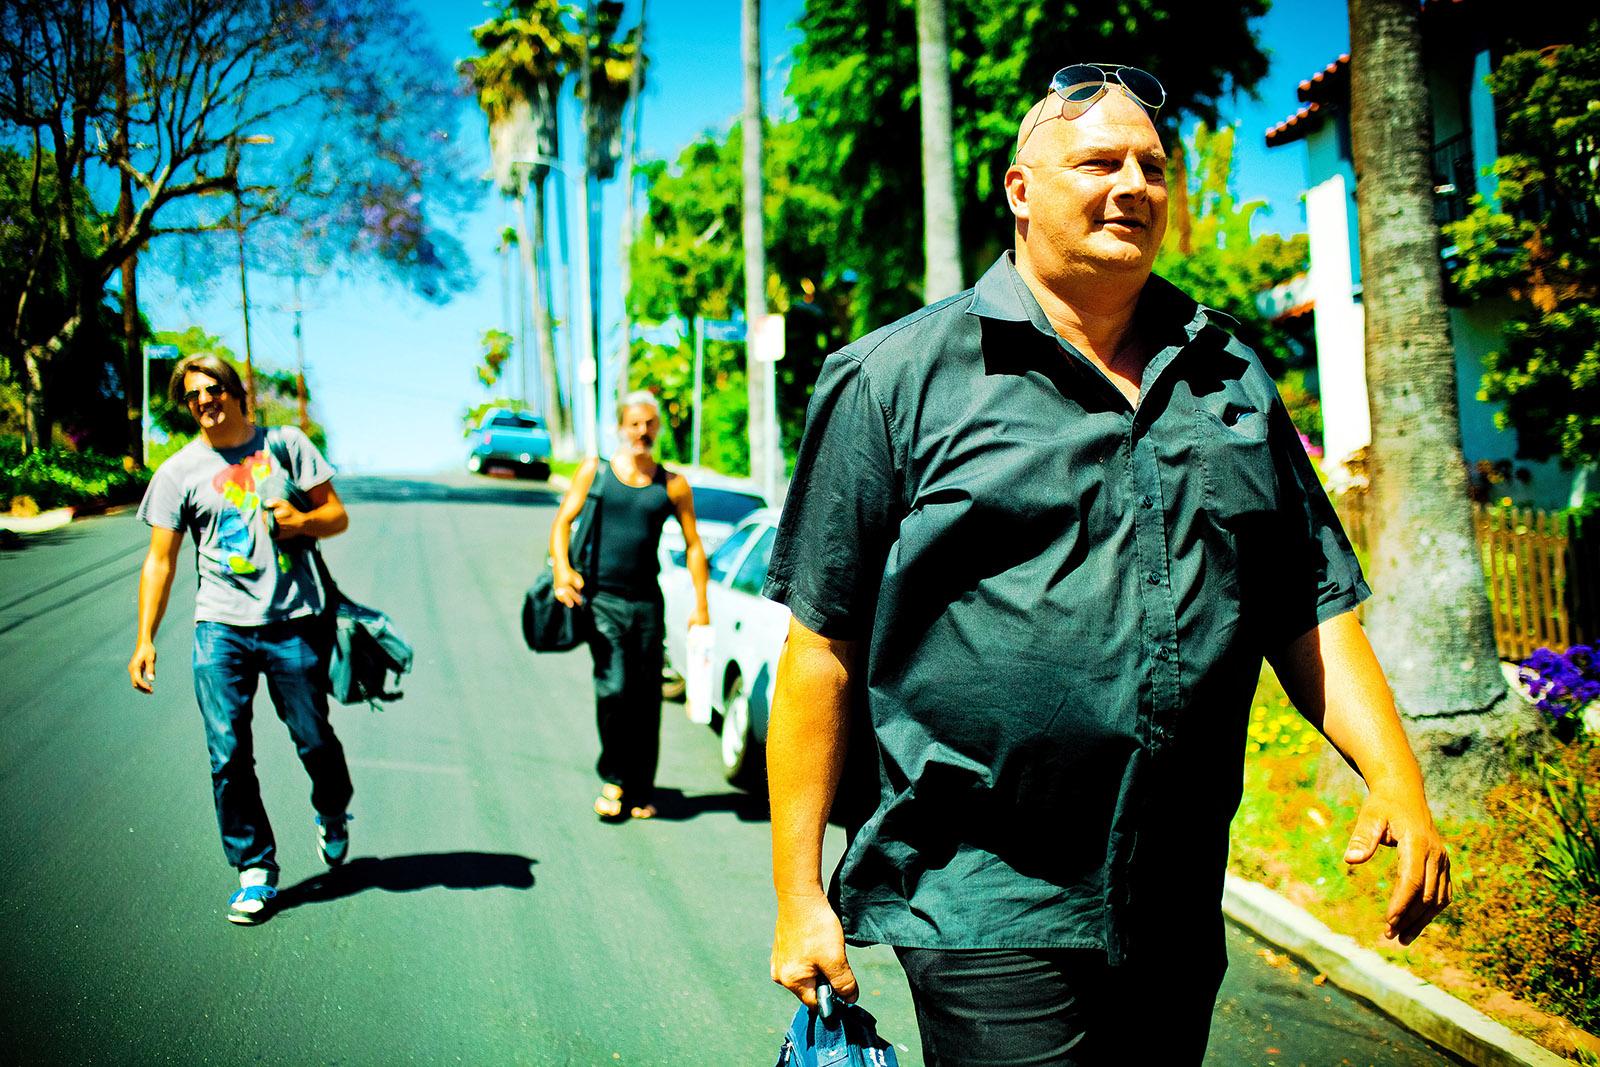 foto van drie mensen die op straat lopen in een zonnig land, een dikke man voorop en jongen links erachter en een andere man iets verder naar achter